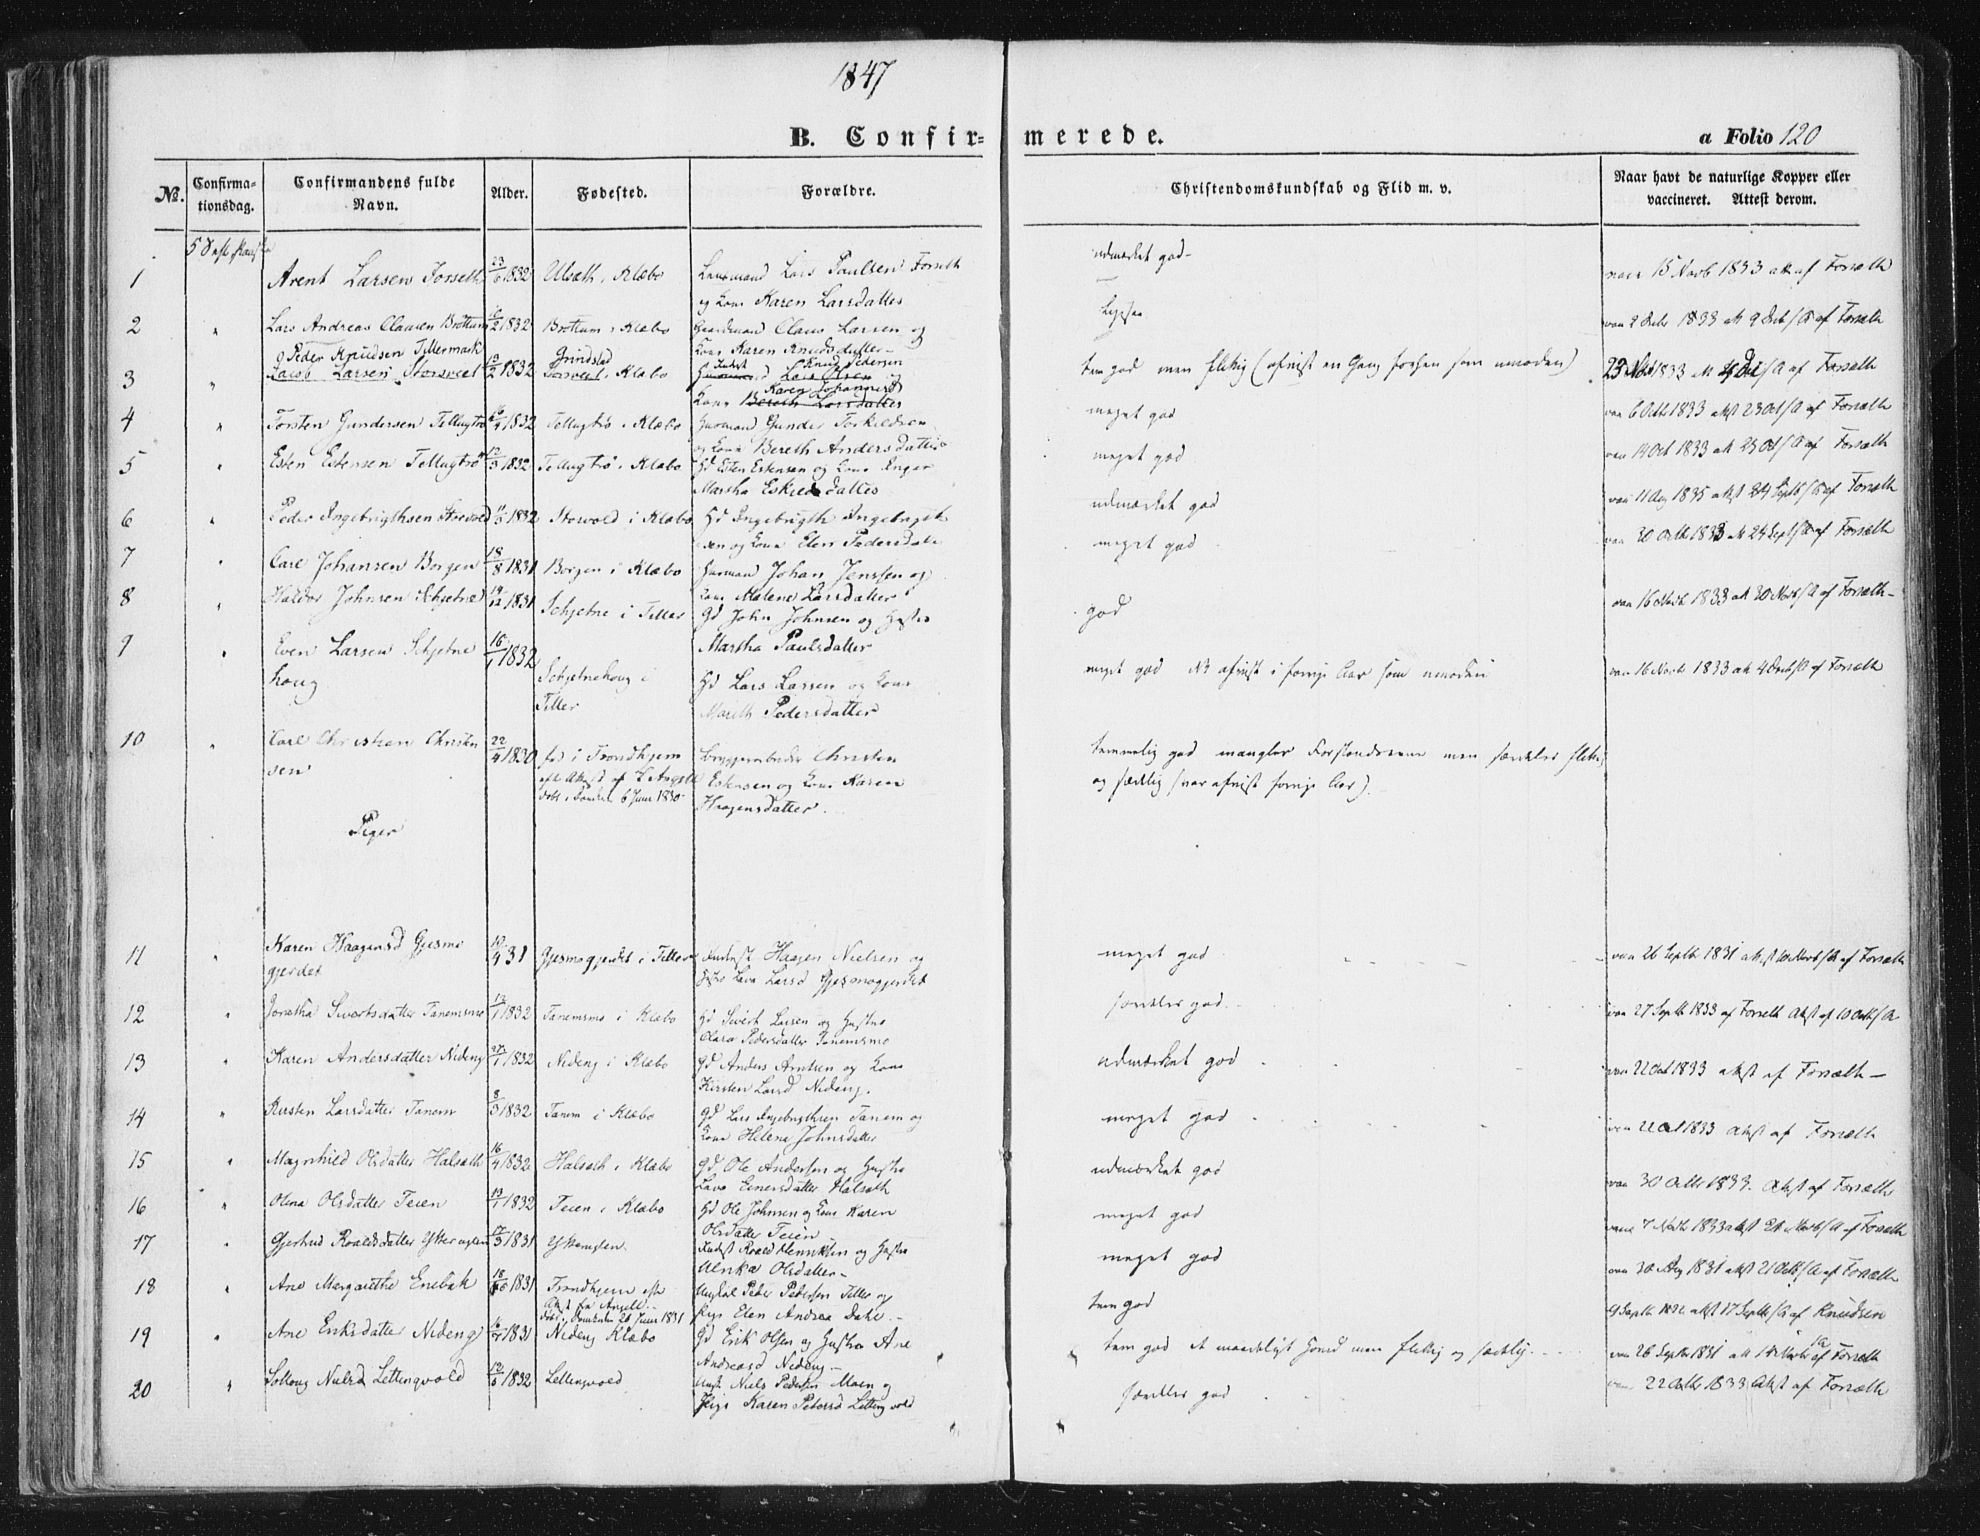 SAT, Ministerialprotokoller, klokkerbøker og fødselsregistre - Sør-Trøndelag, 618/L0441: Ministerialbok nr. 618A05, 1843-1862, s. 120